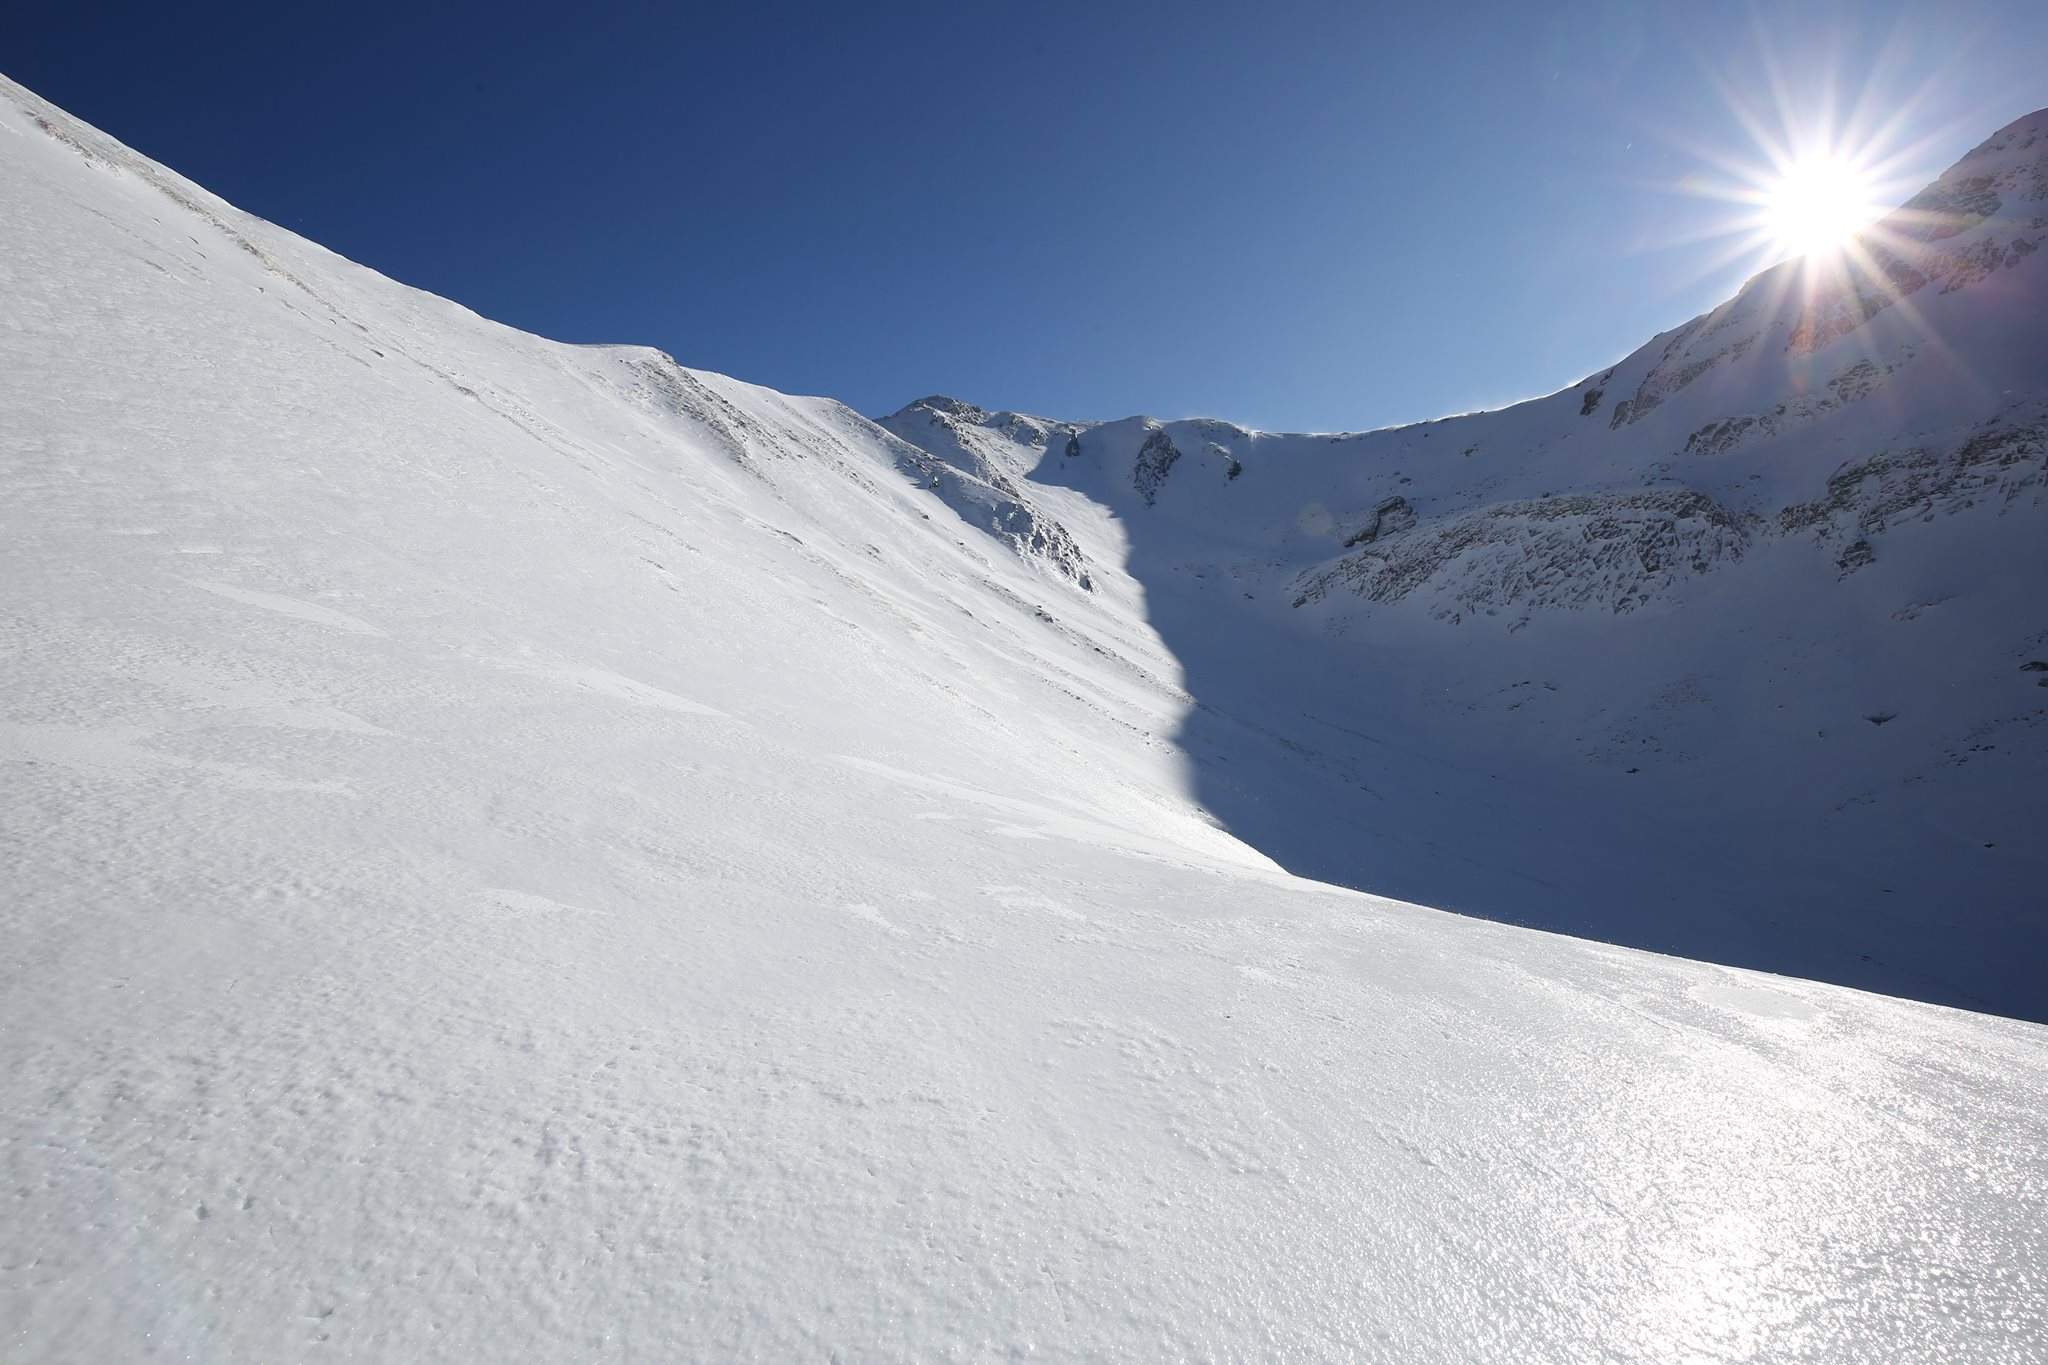 Il vallone del Rio Pascolo, dove sale la 'normale invernale' (foto Stefano Panciroli)